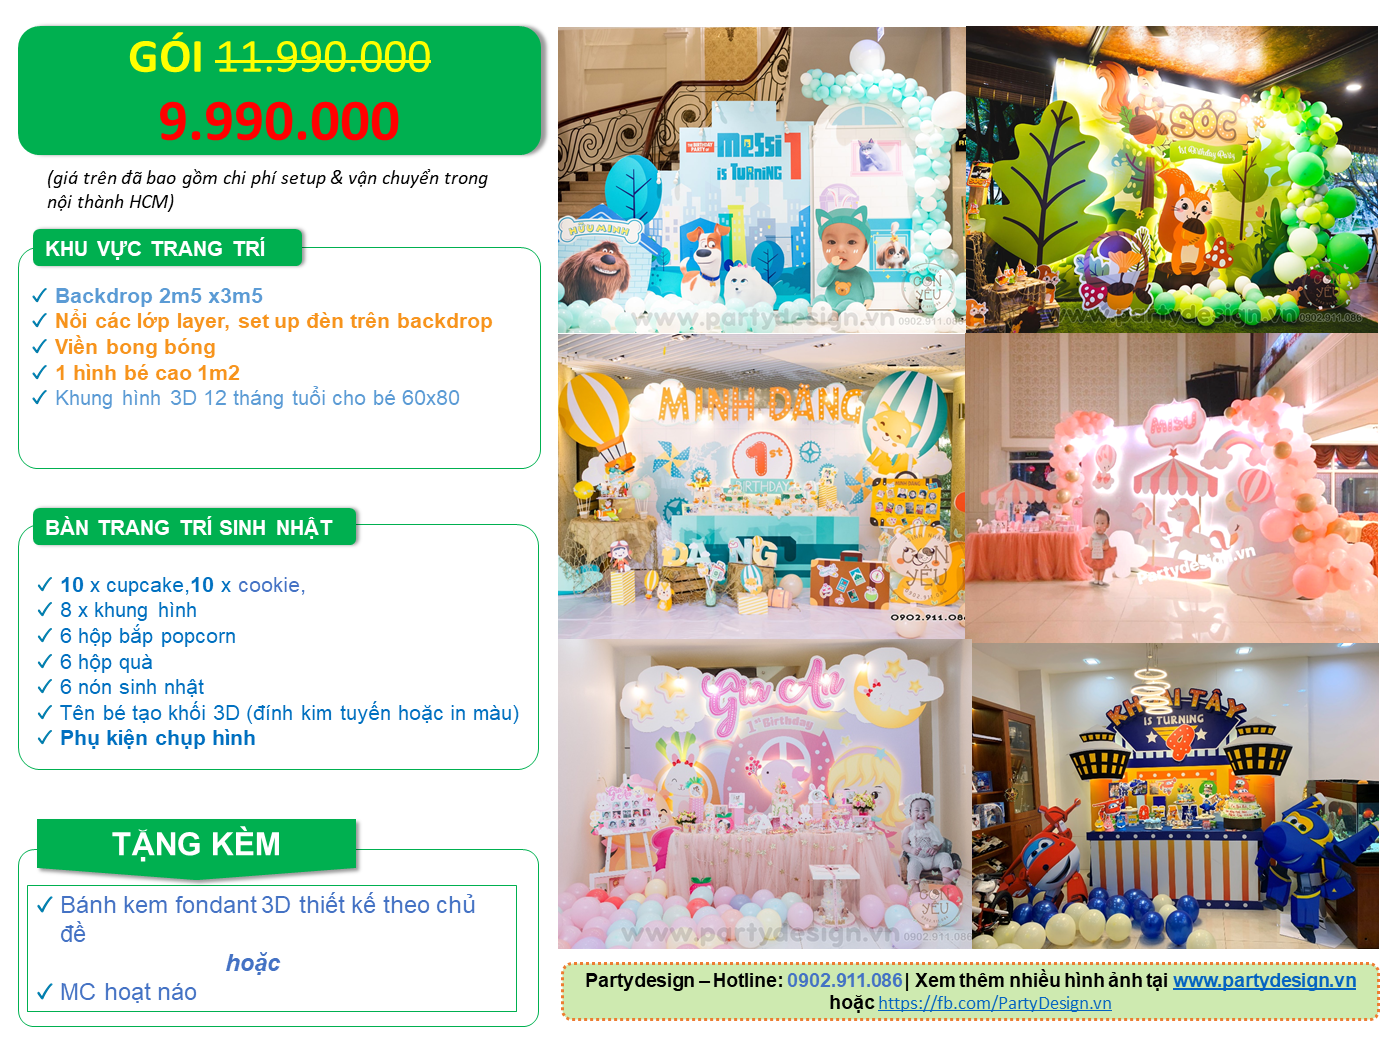 Gói trang trí sinh nhật 9.990.000